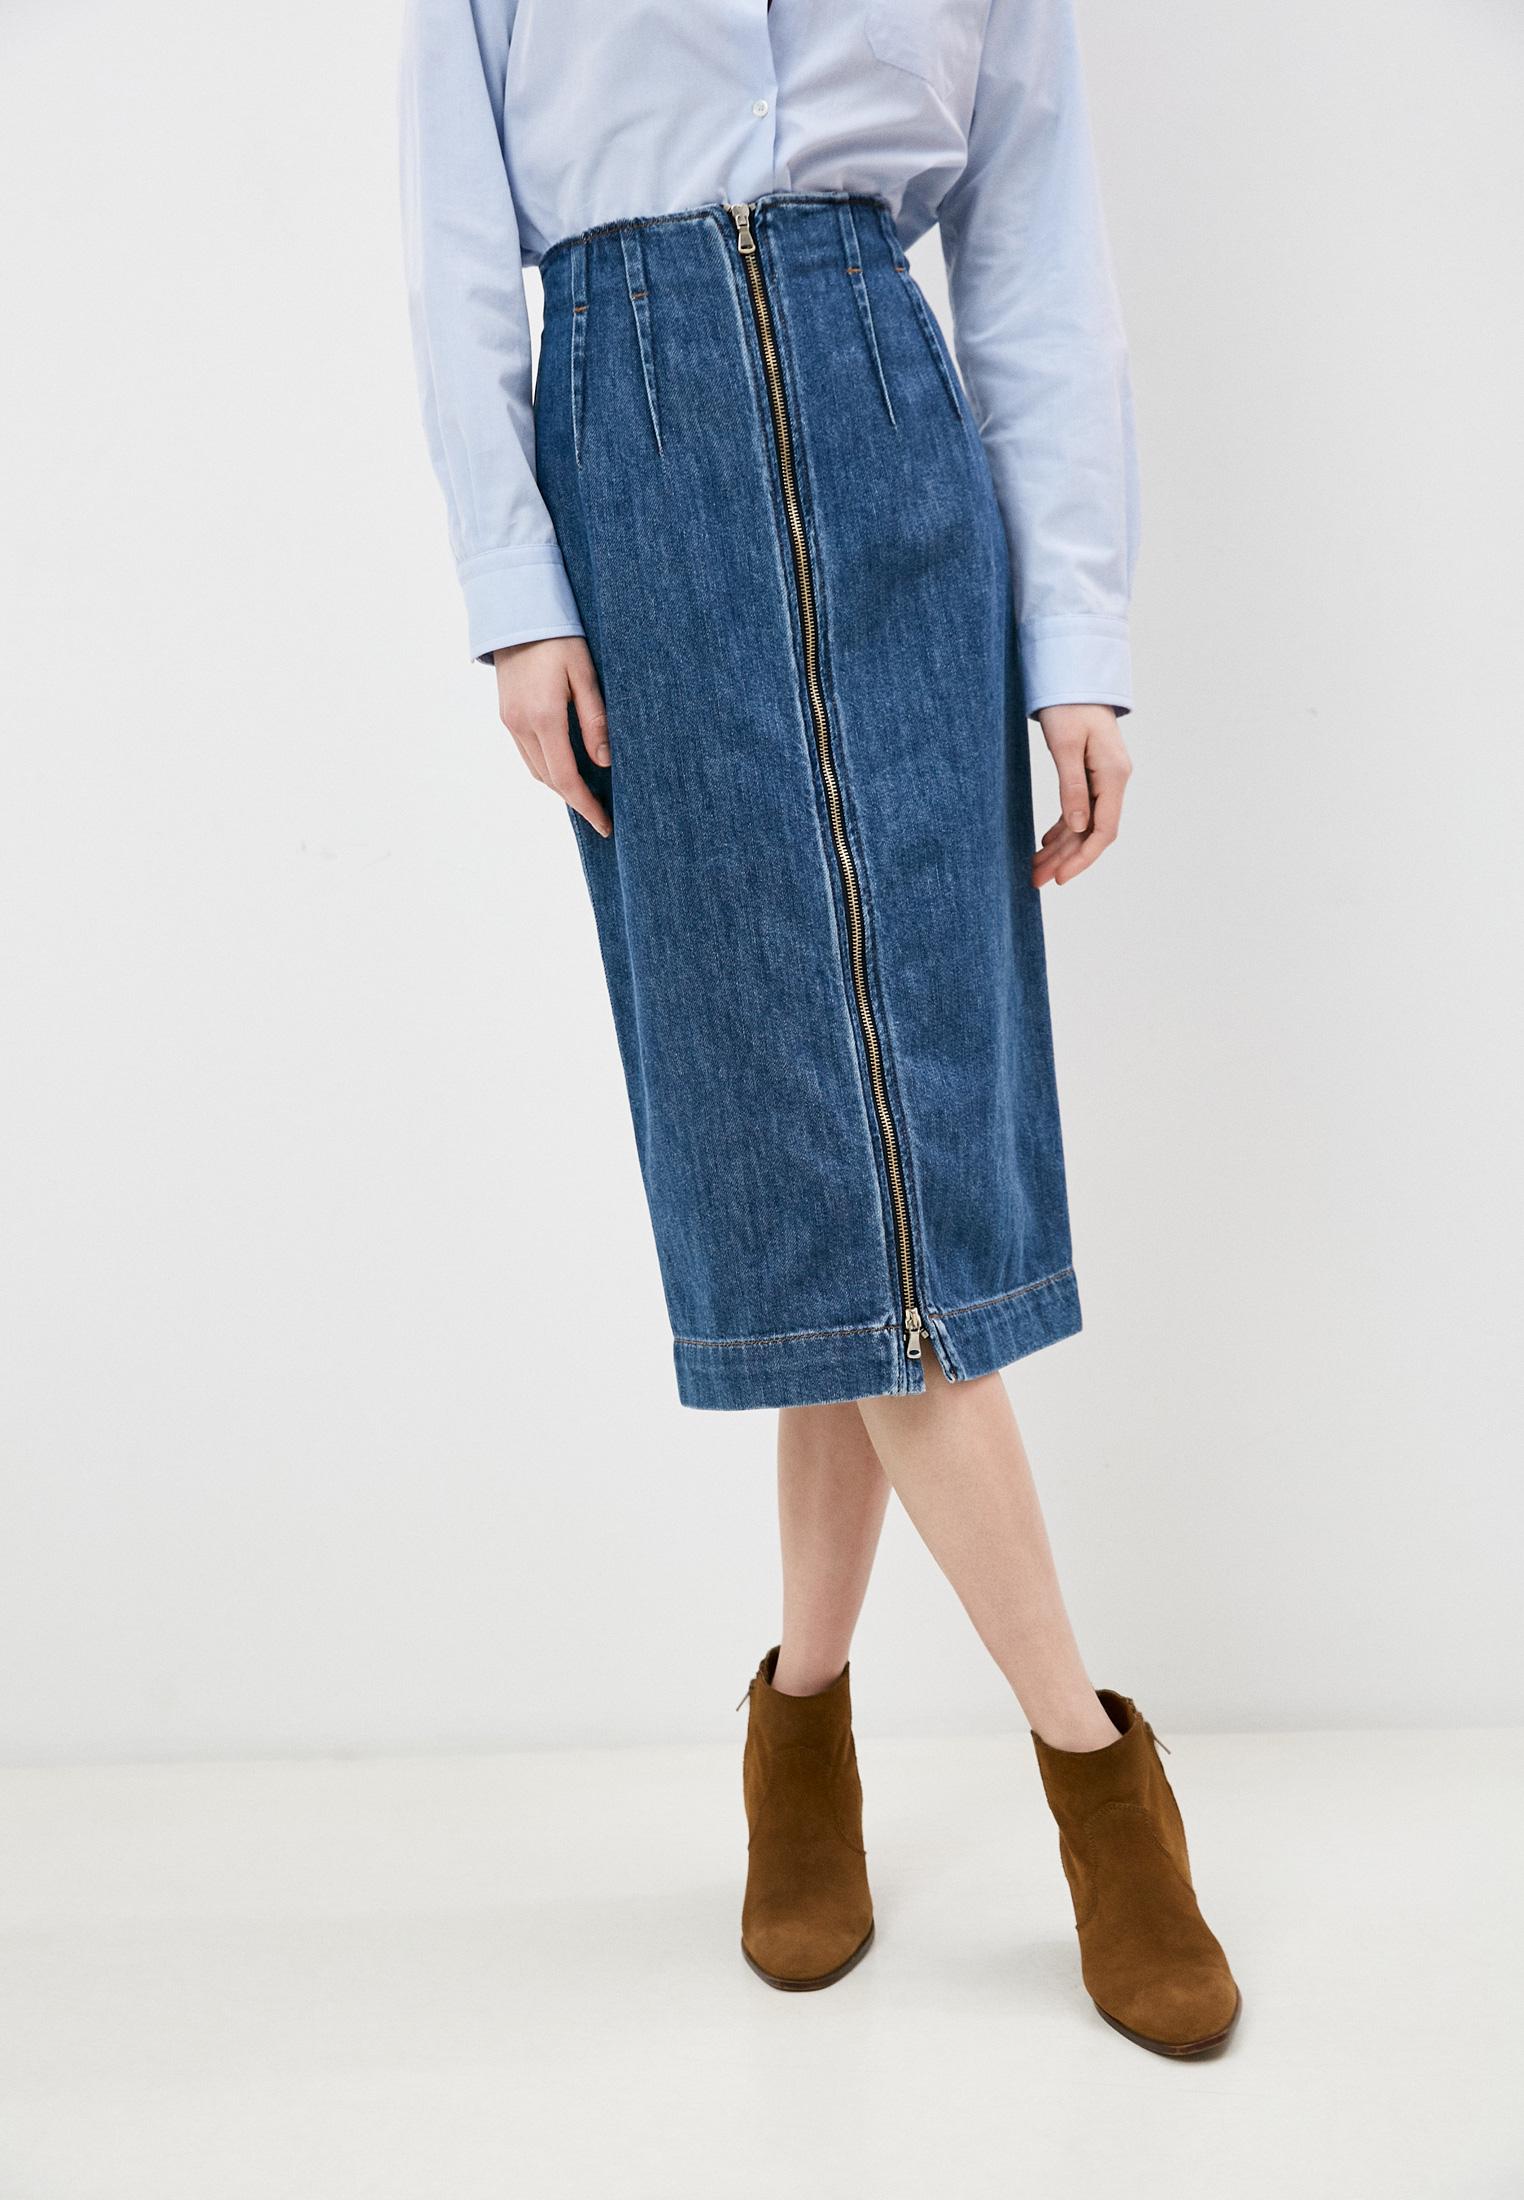 Джинсовая юбка SPORTMAX Юбка джинсовая Sportmax